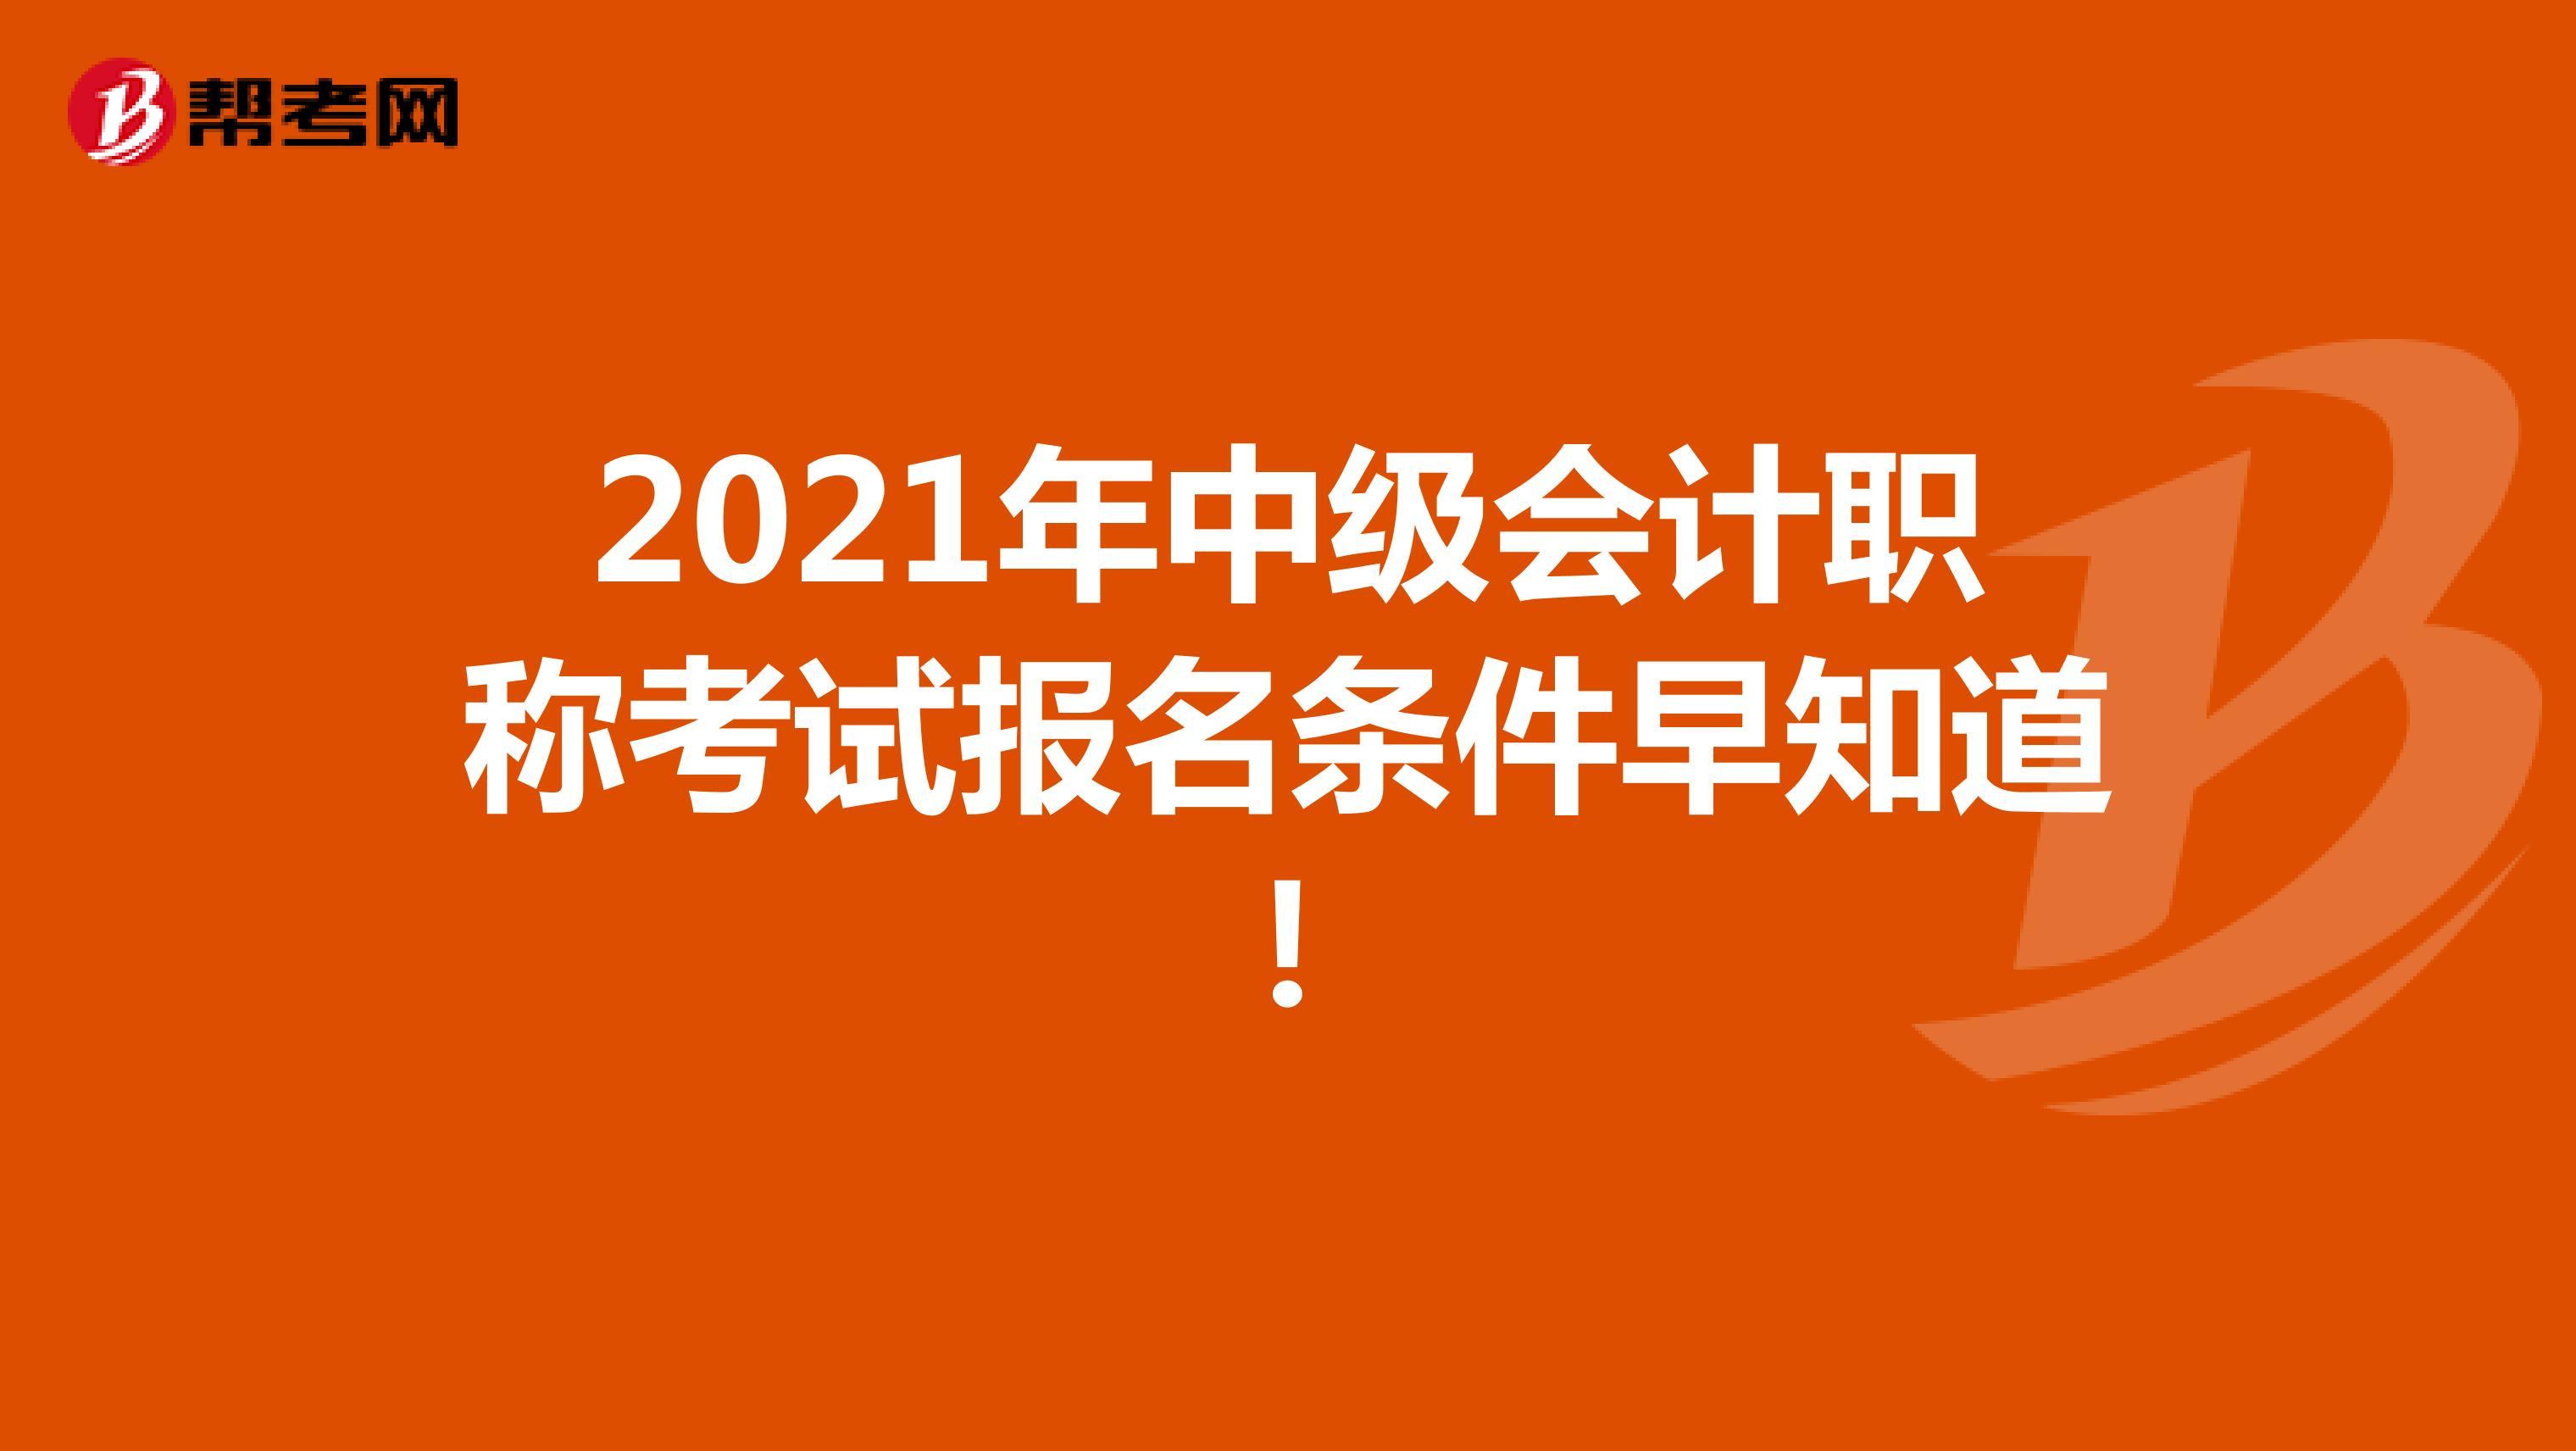 2021年中級會計職稱考試報名條件早知道!